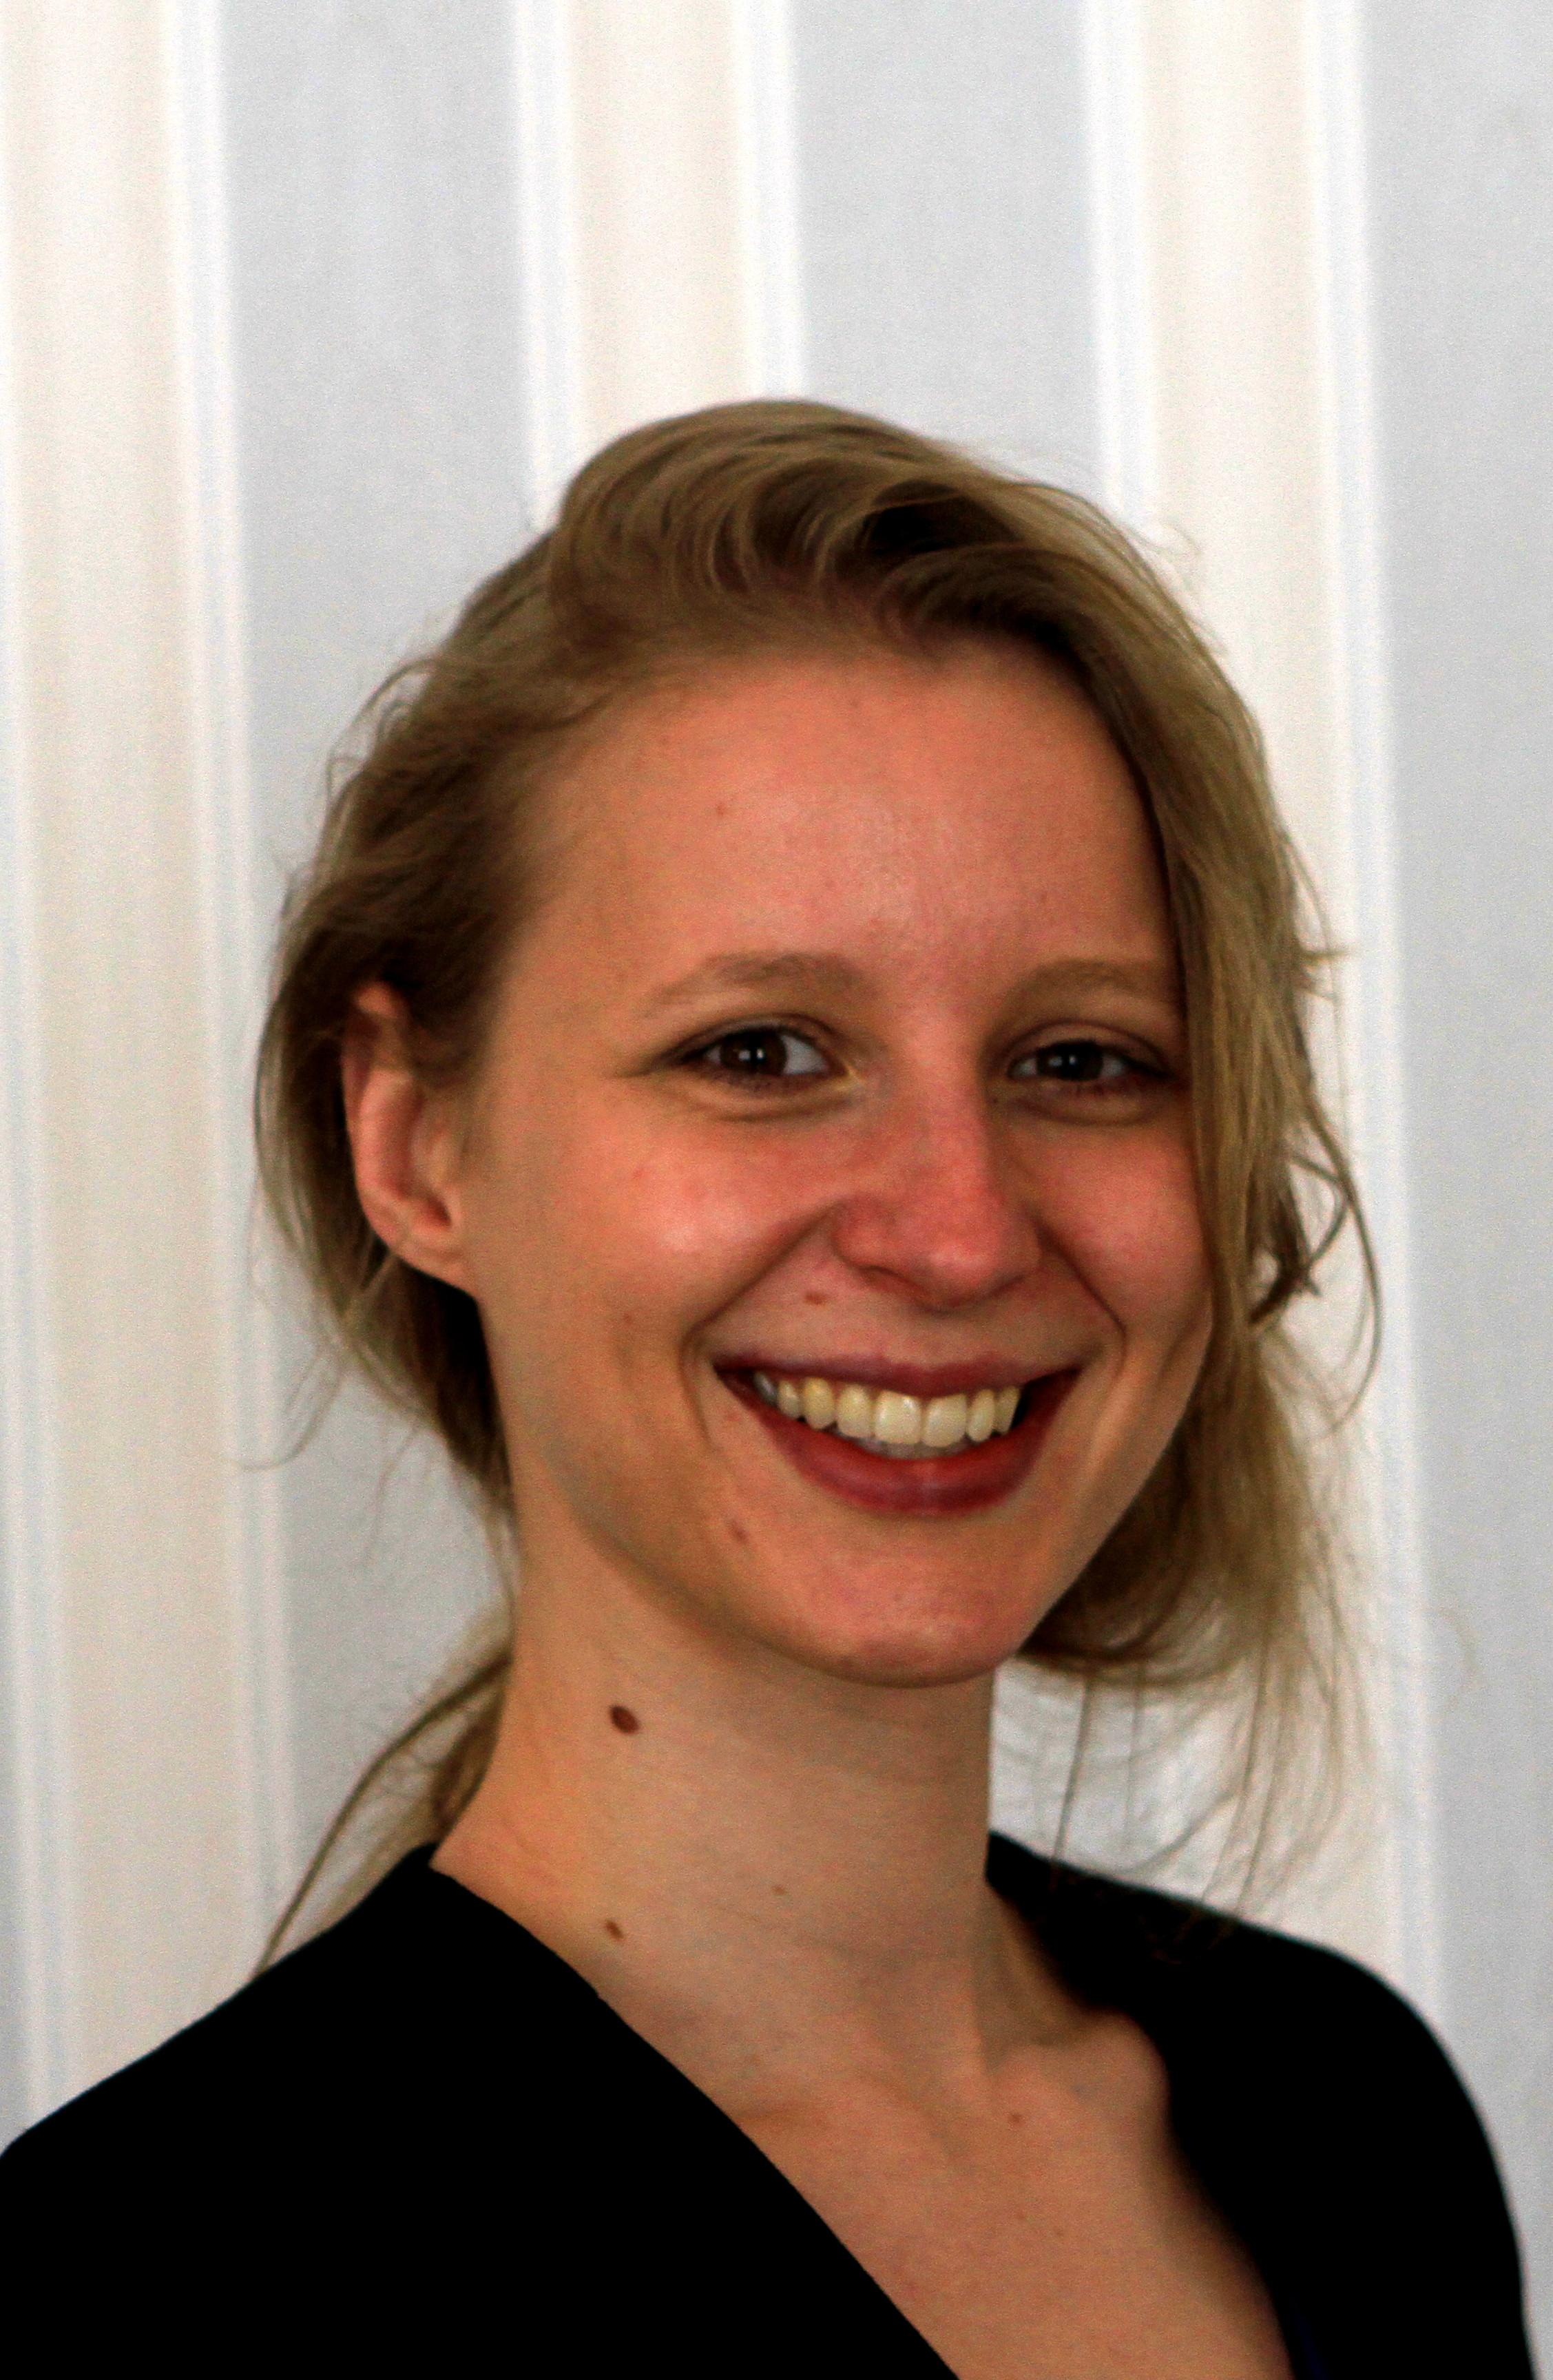 Stefanie SCHEDLBAUER